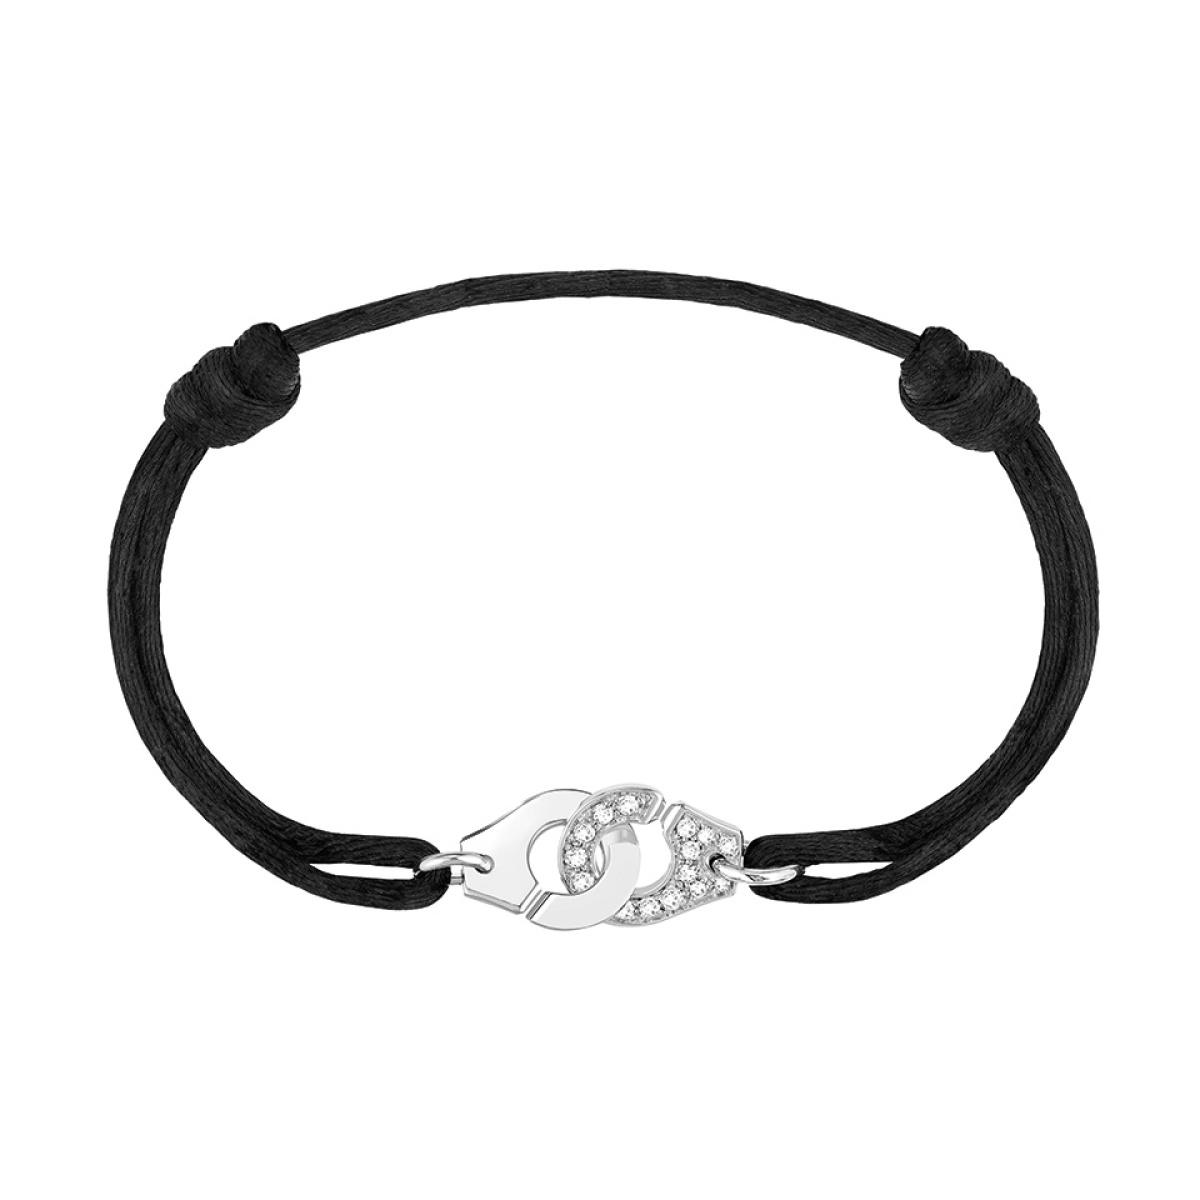 4d8d7fedb5a Bracelet MENOTTES dinh van R10 et diamants - Borromée Joaillier